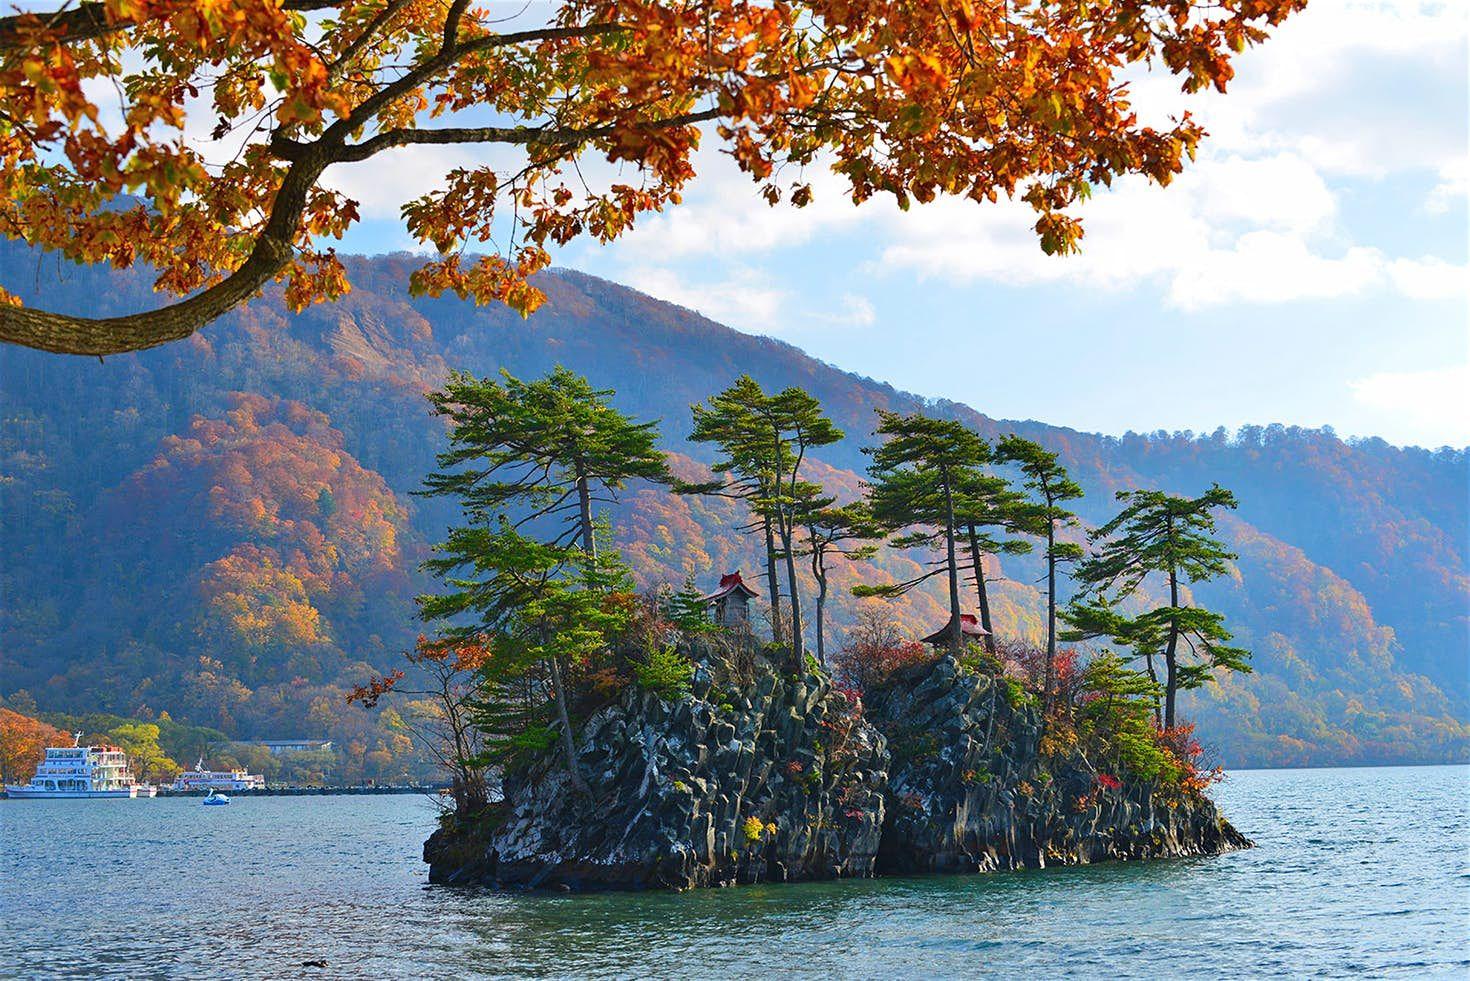 Il lago Towada nel Parco Nazionale Towada Hachimantai creato da un'eruzione vulcanico